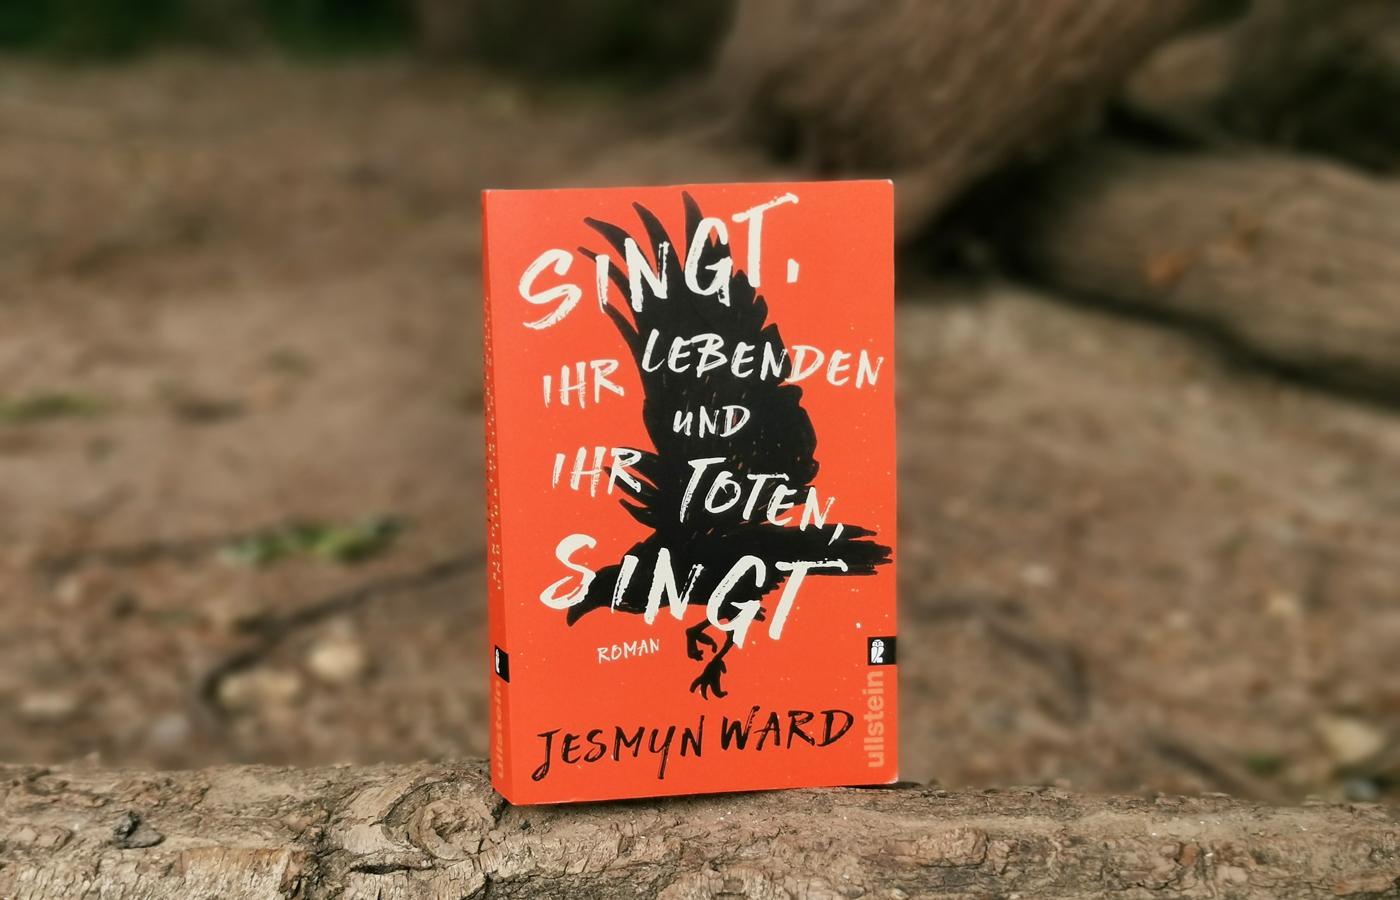 »Singt, ihr Lebenden und ihr Toten, singt« von Jesmyn Ward